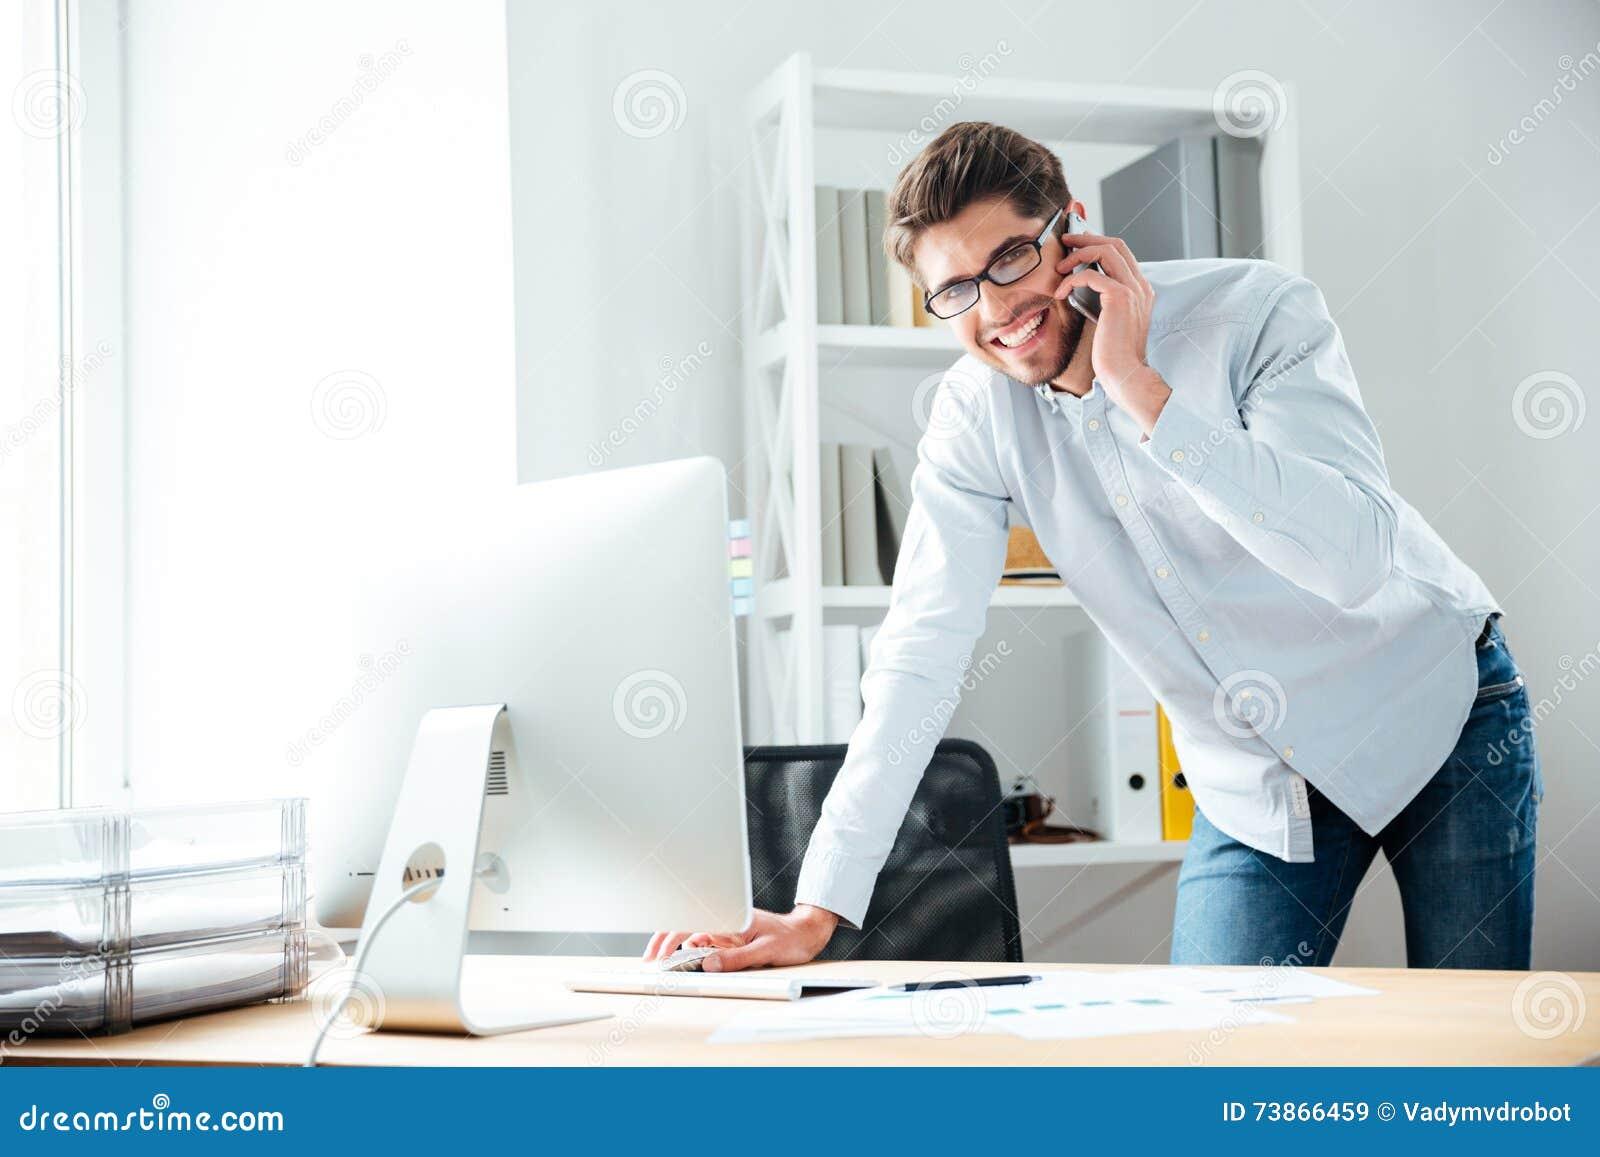 Hombre de negocios joven sonriente usando el ordenador y el hablar en el teléfono móvil